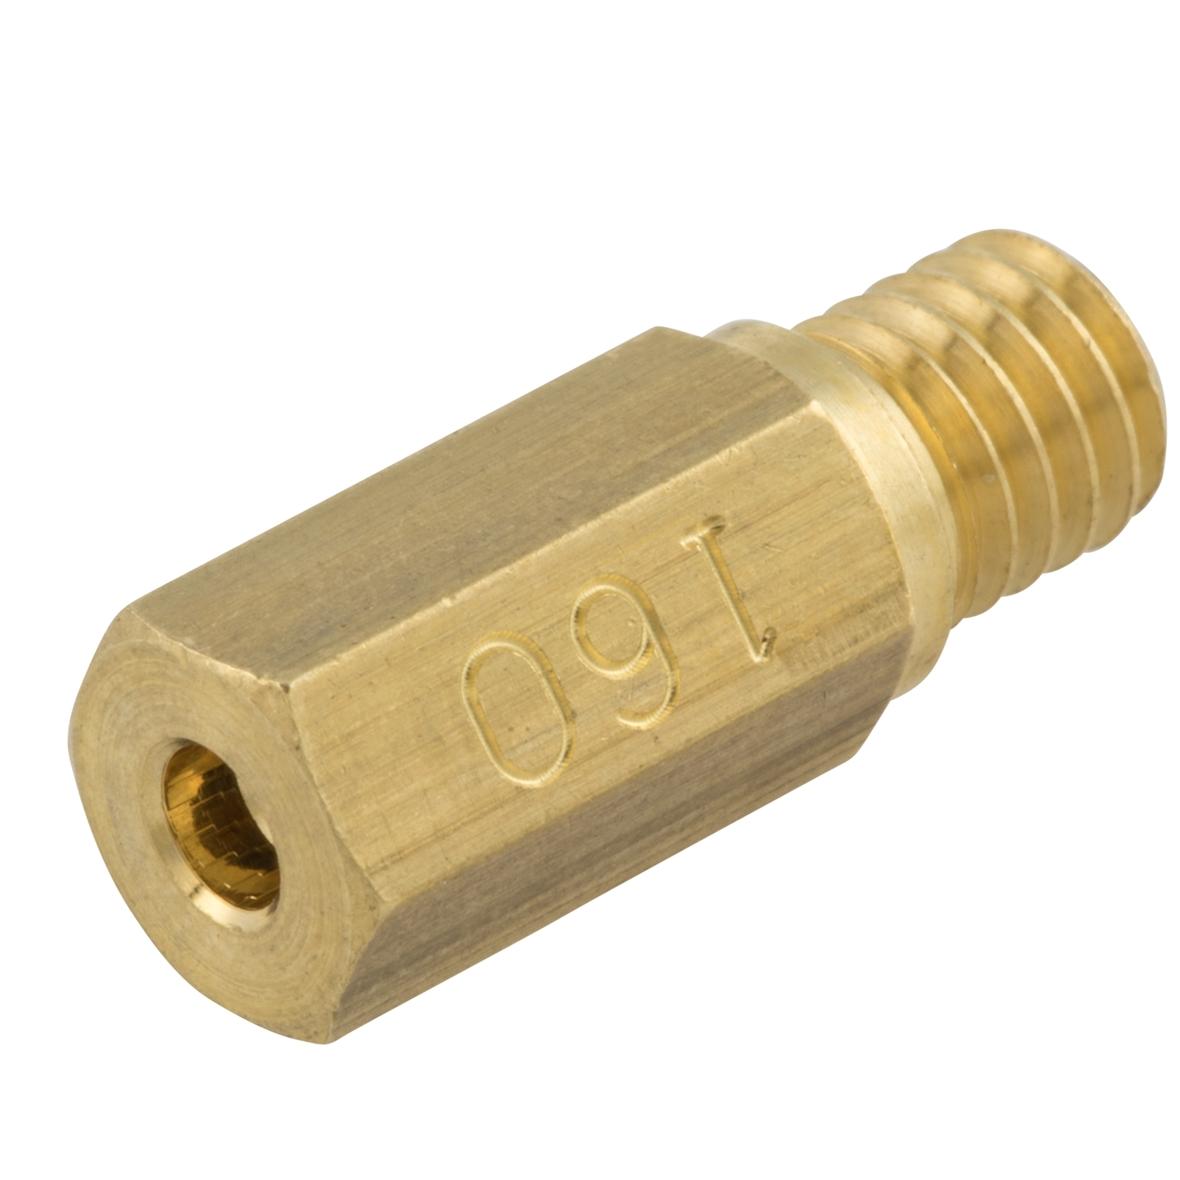 Productafbeelding voor 'Sproeier KMT 168 Ø 6 mmTitle'